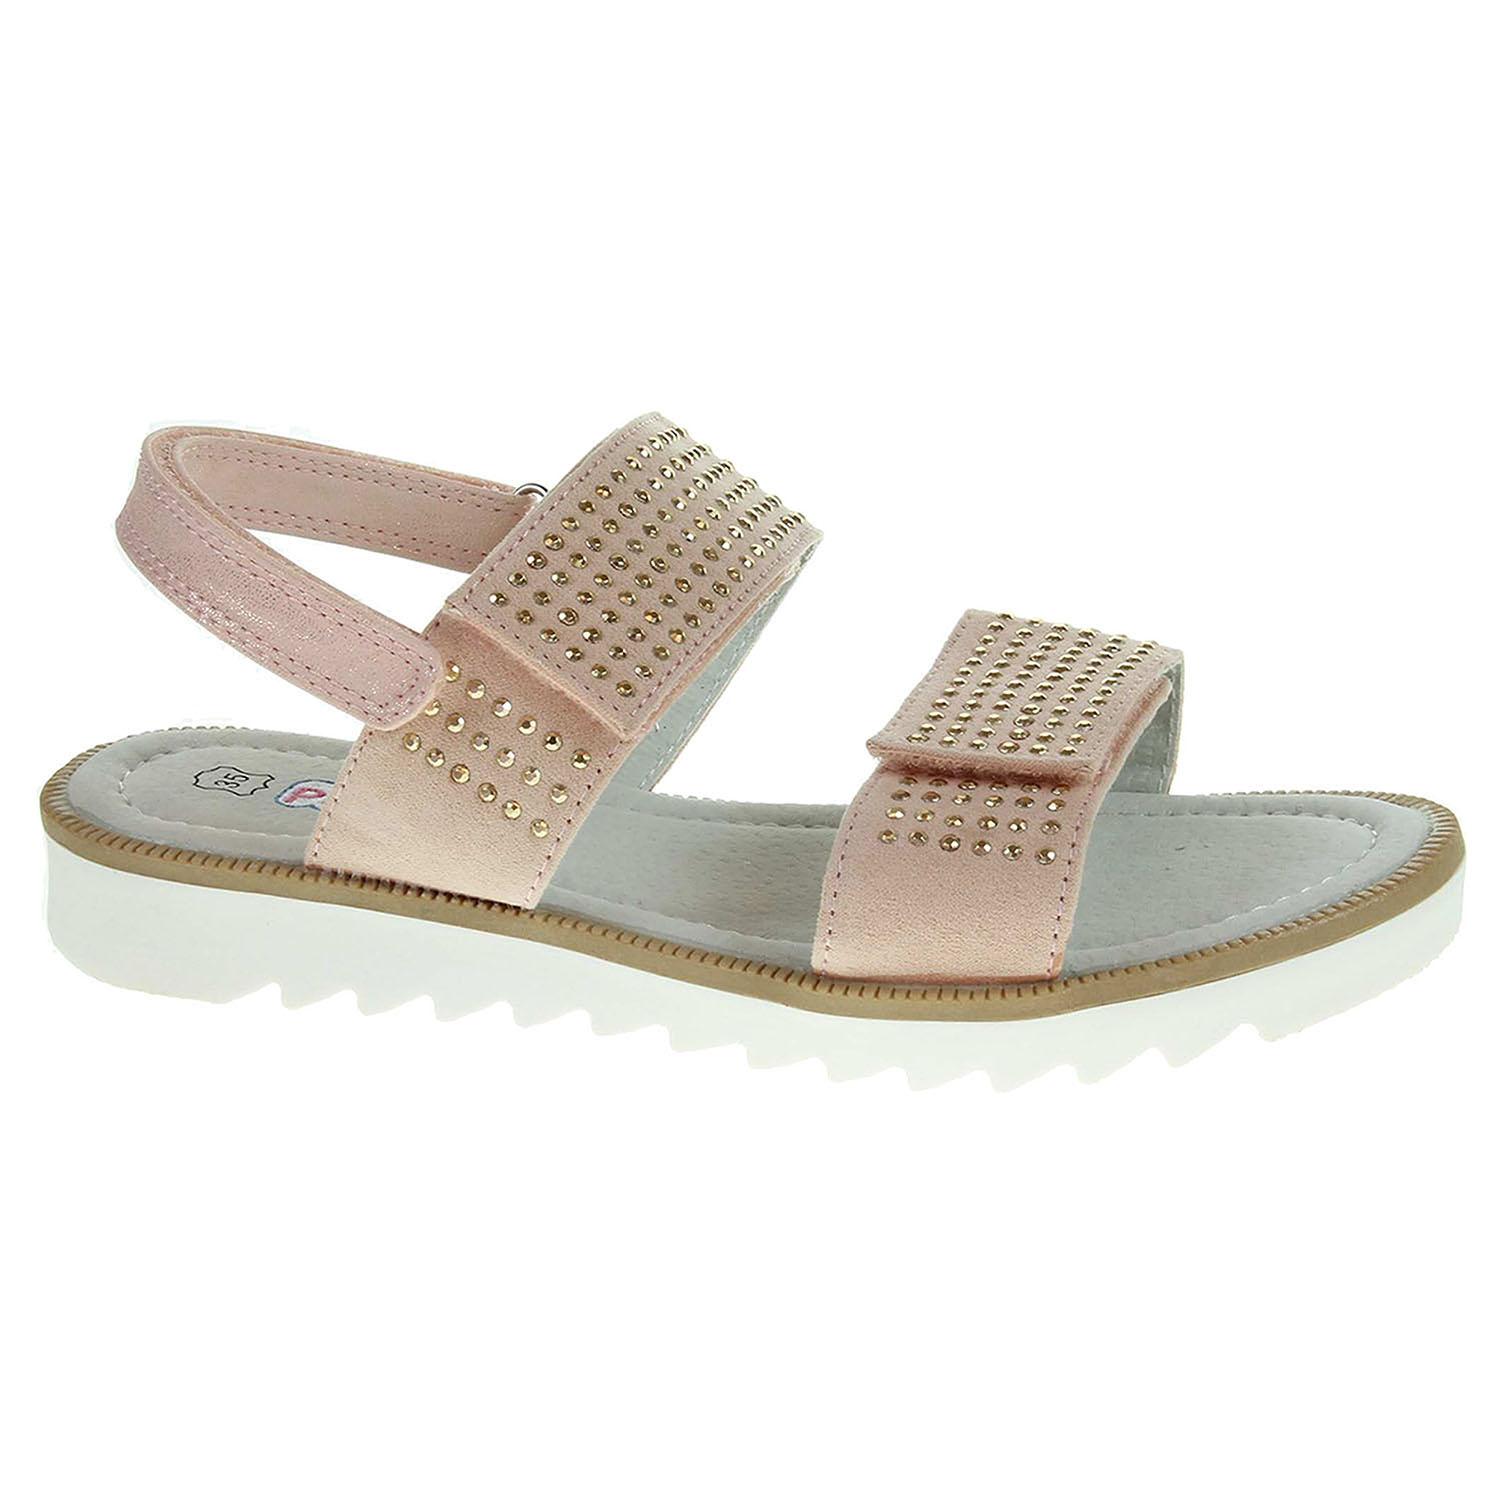 Dívčí sandály Peddy PY512-32-06 růžové 31